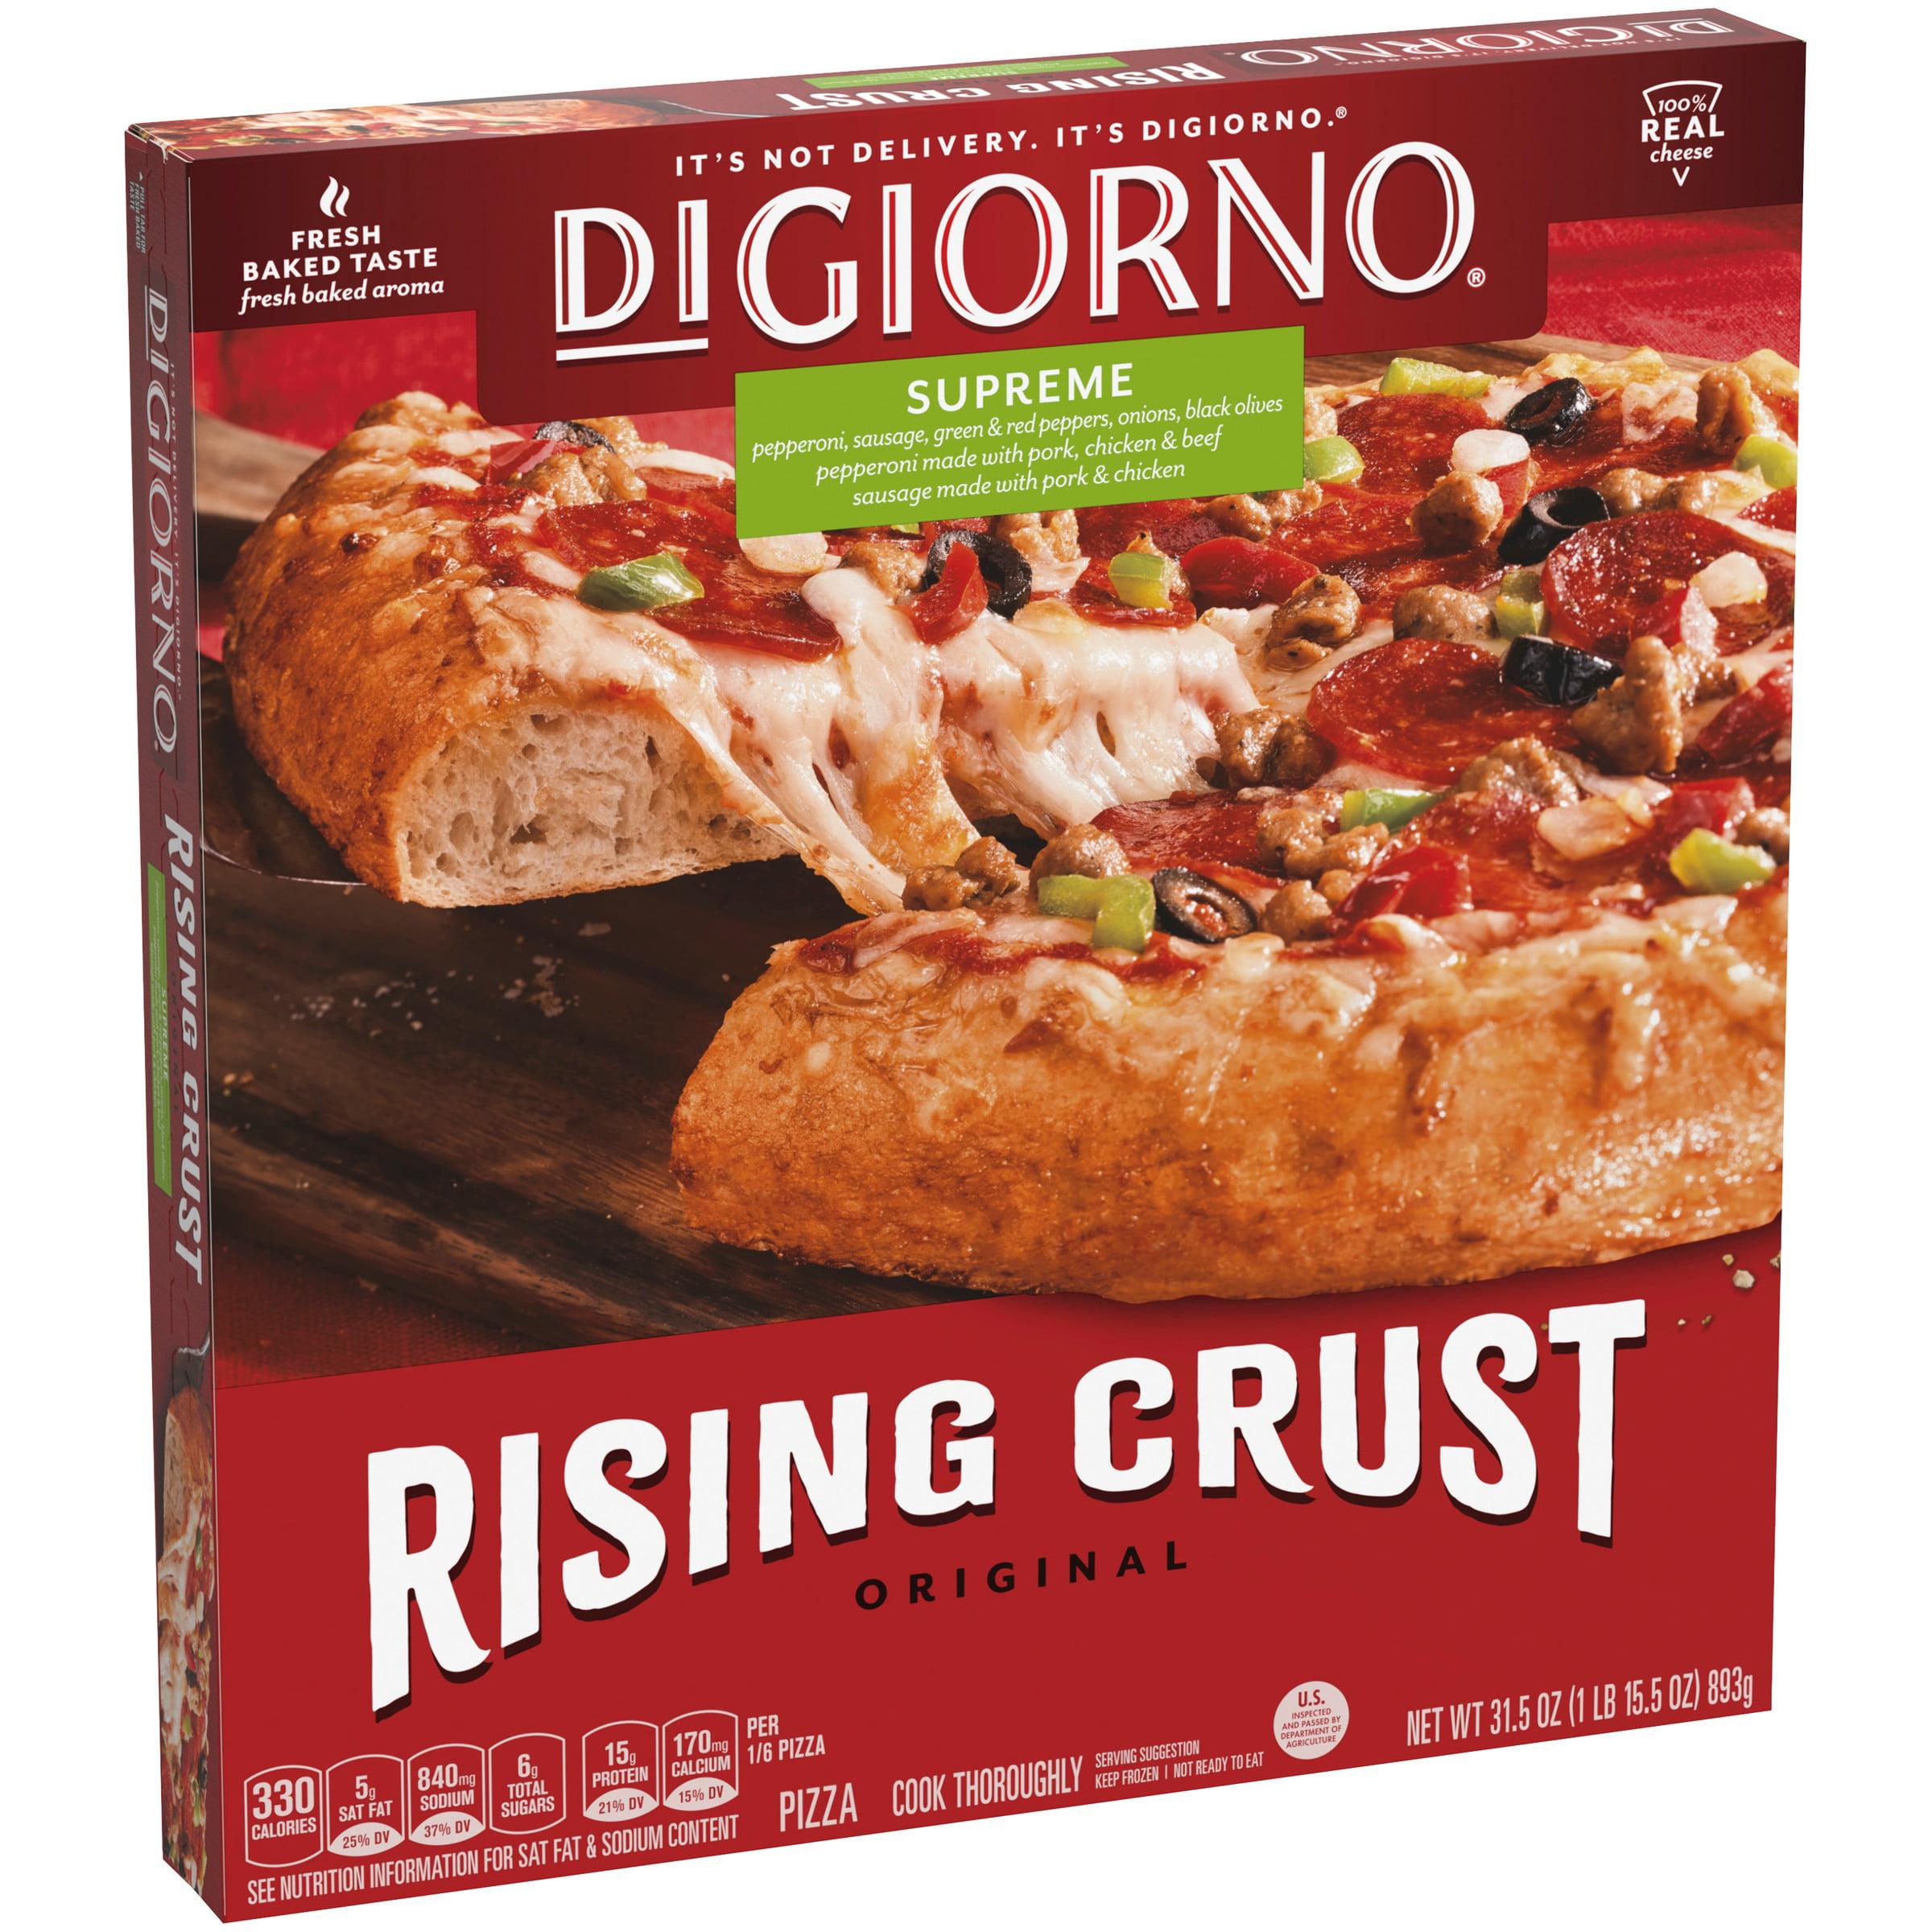 DIGIORNO Original Rising Crust Supreme Frozen Pizza 31 5 Oz  Box